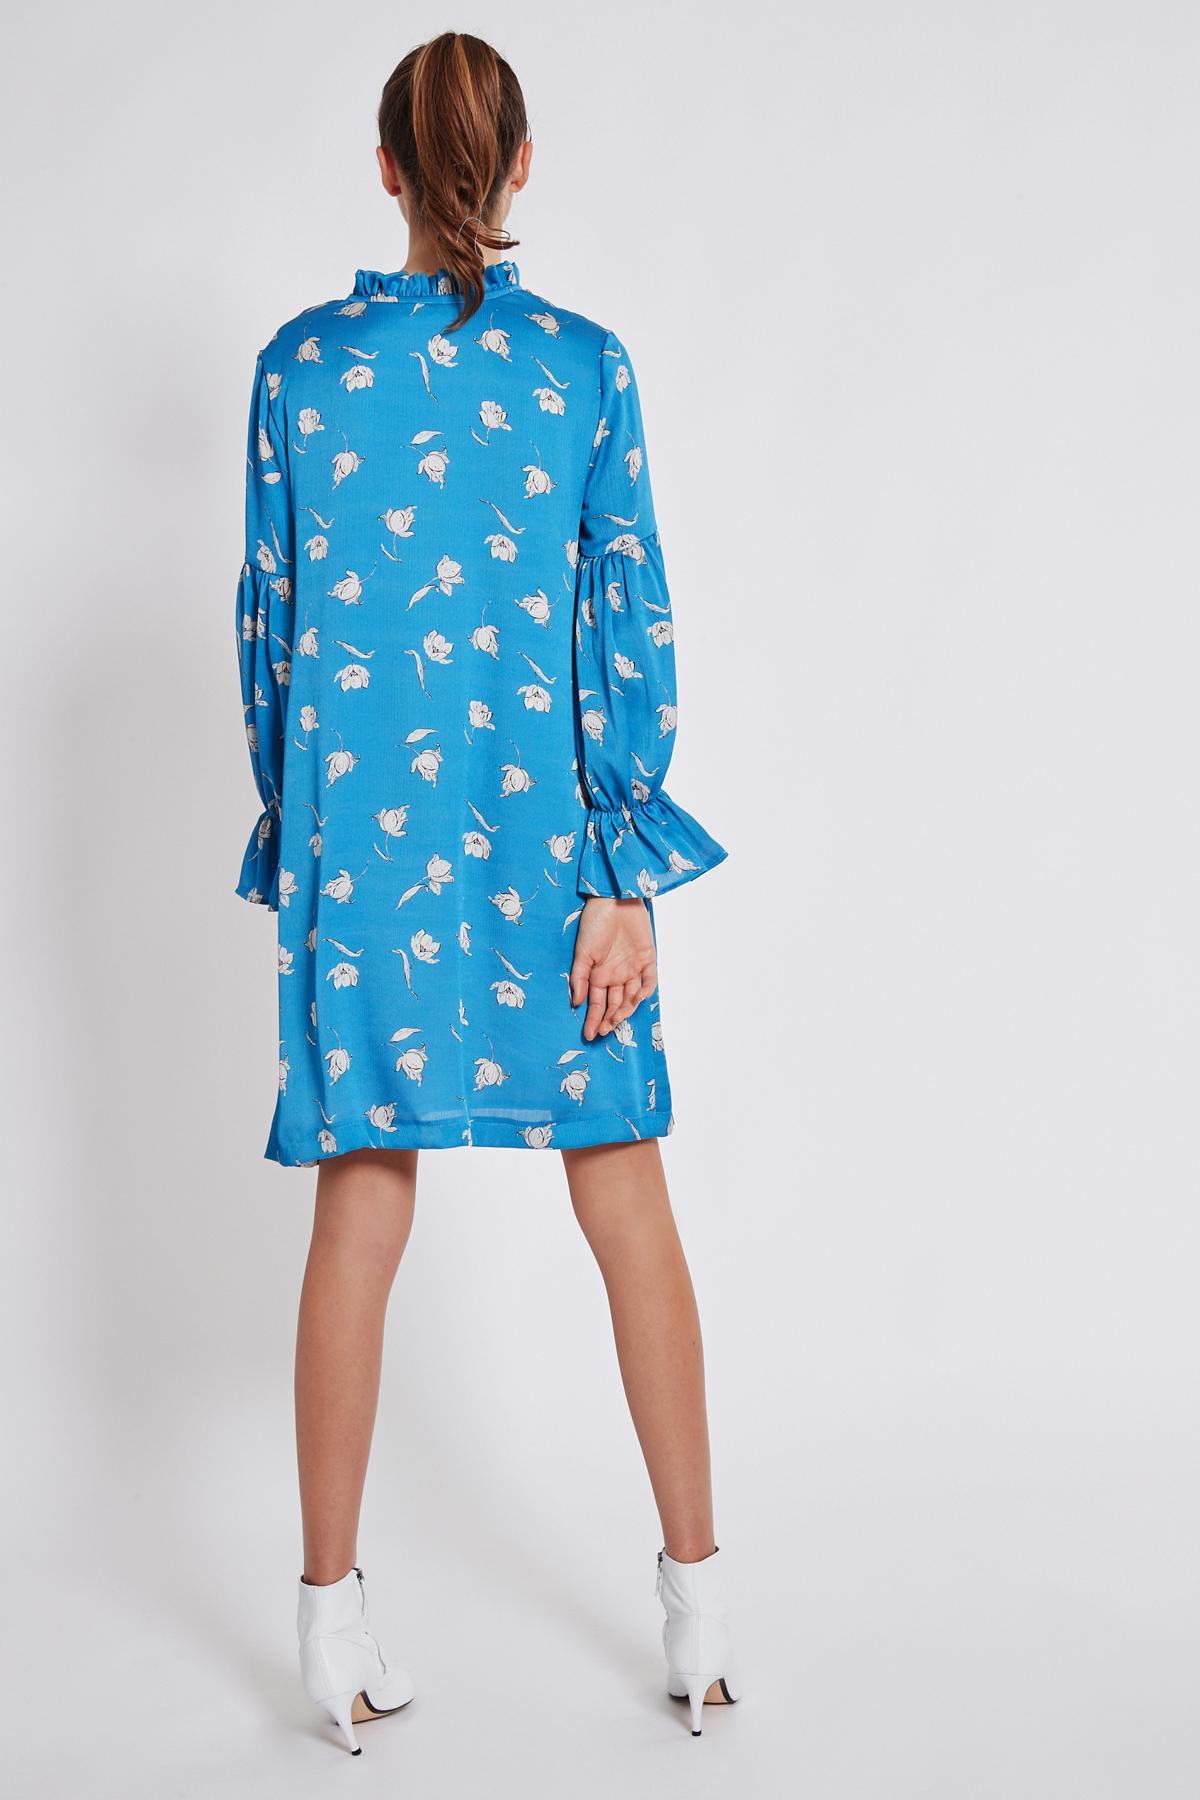 Rückansicht von Ana Alcazar Rüschen Kleid Taros  angezogen an Model